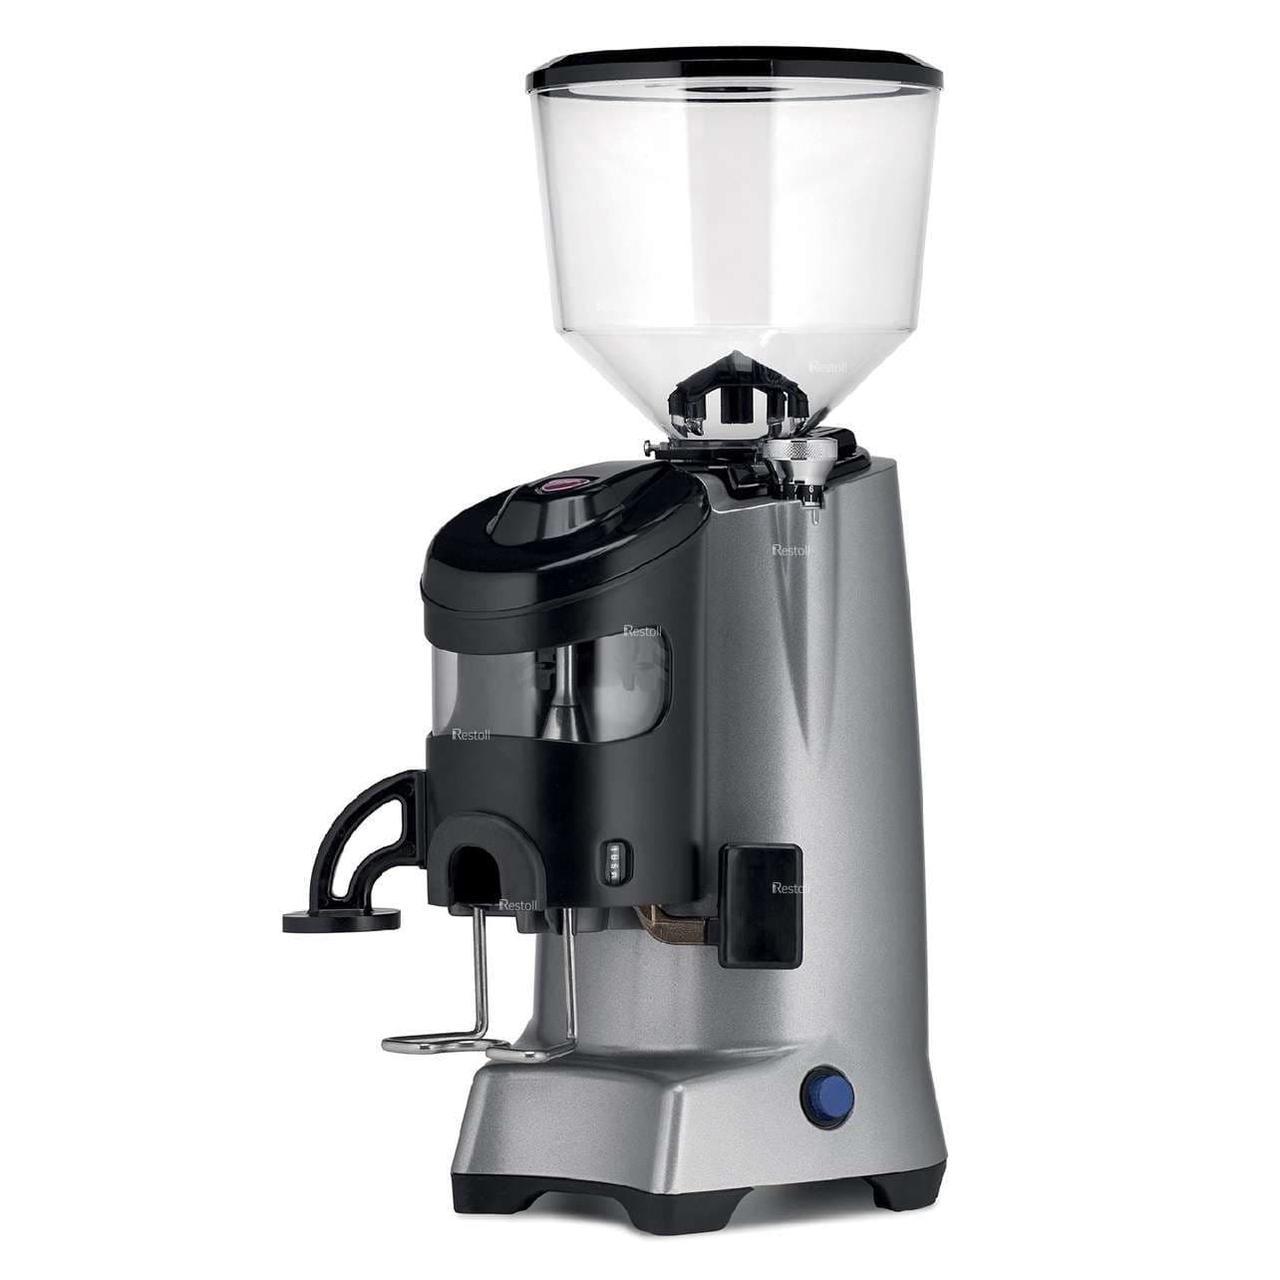 Кофемолка Eureka ZENITH CLUB 60 M, серебрянная